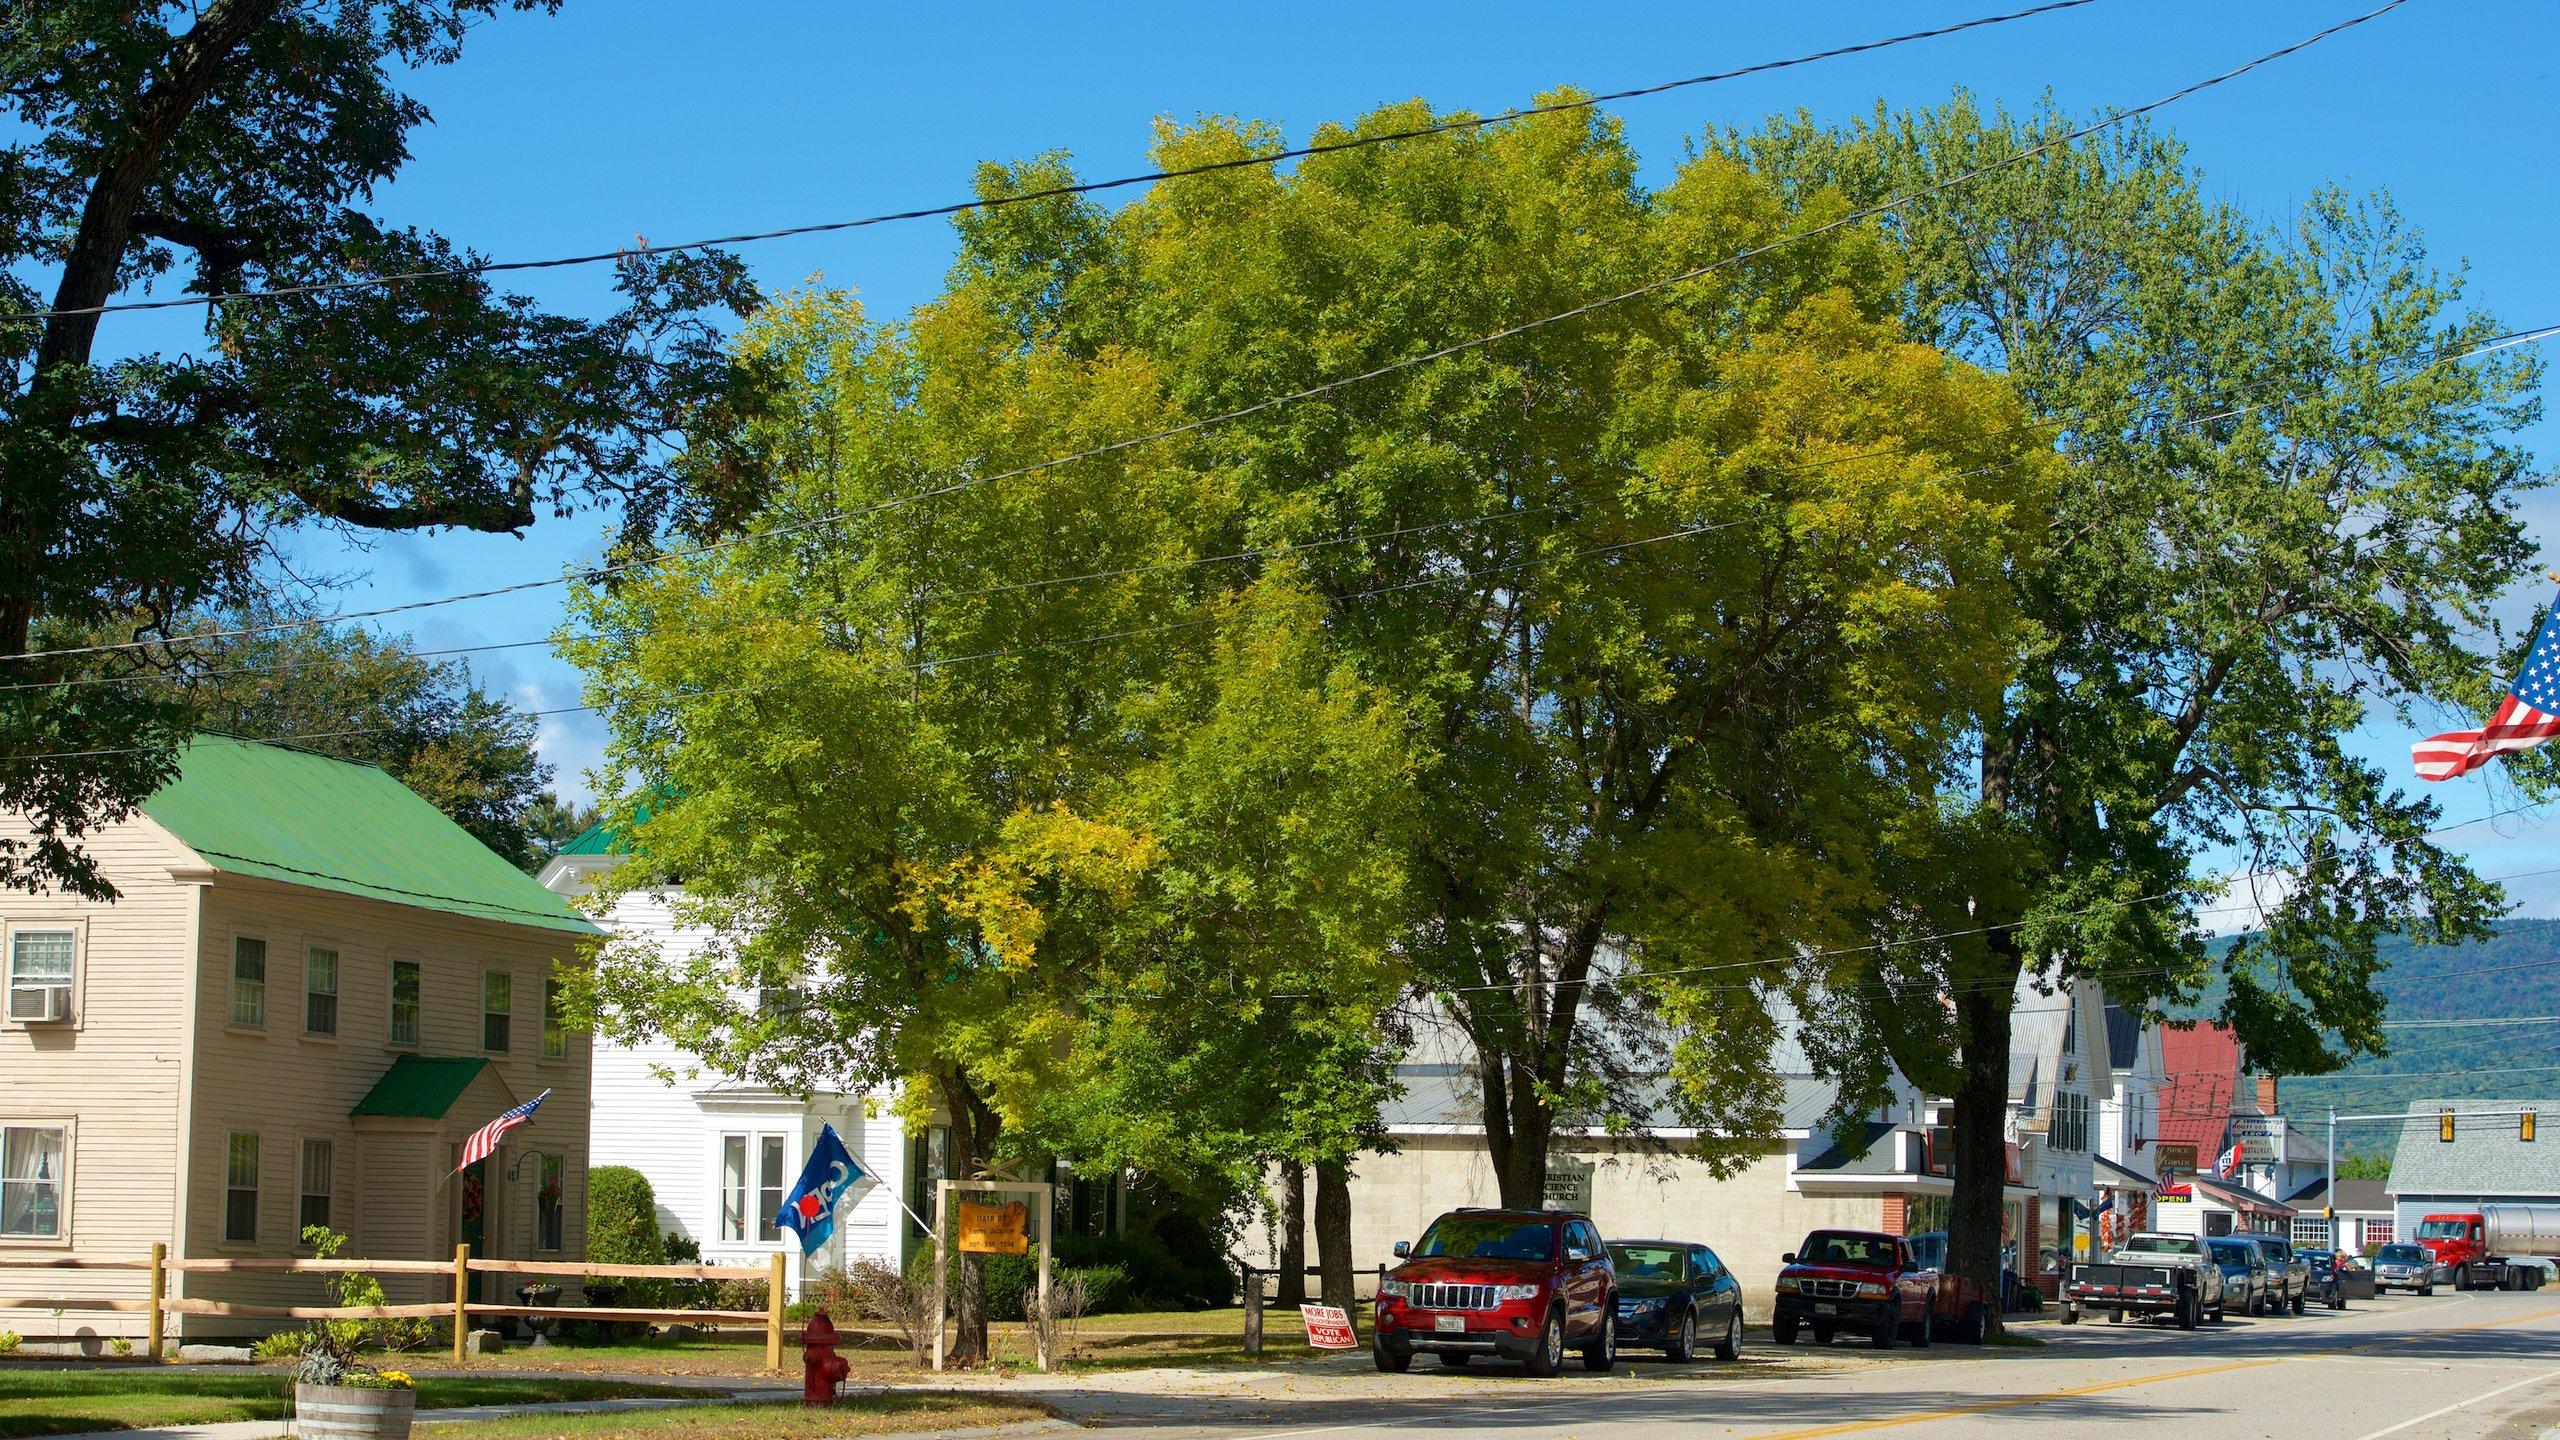 Fryeburg, Maine, United States of America